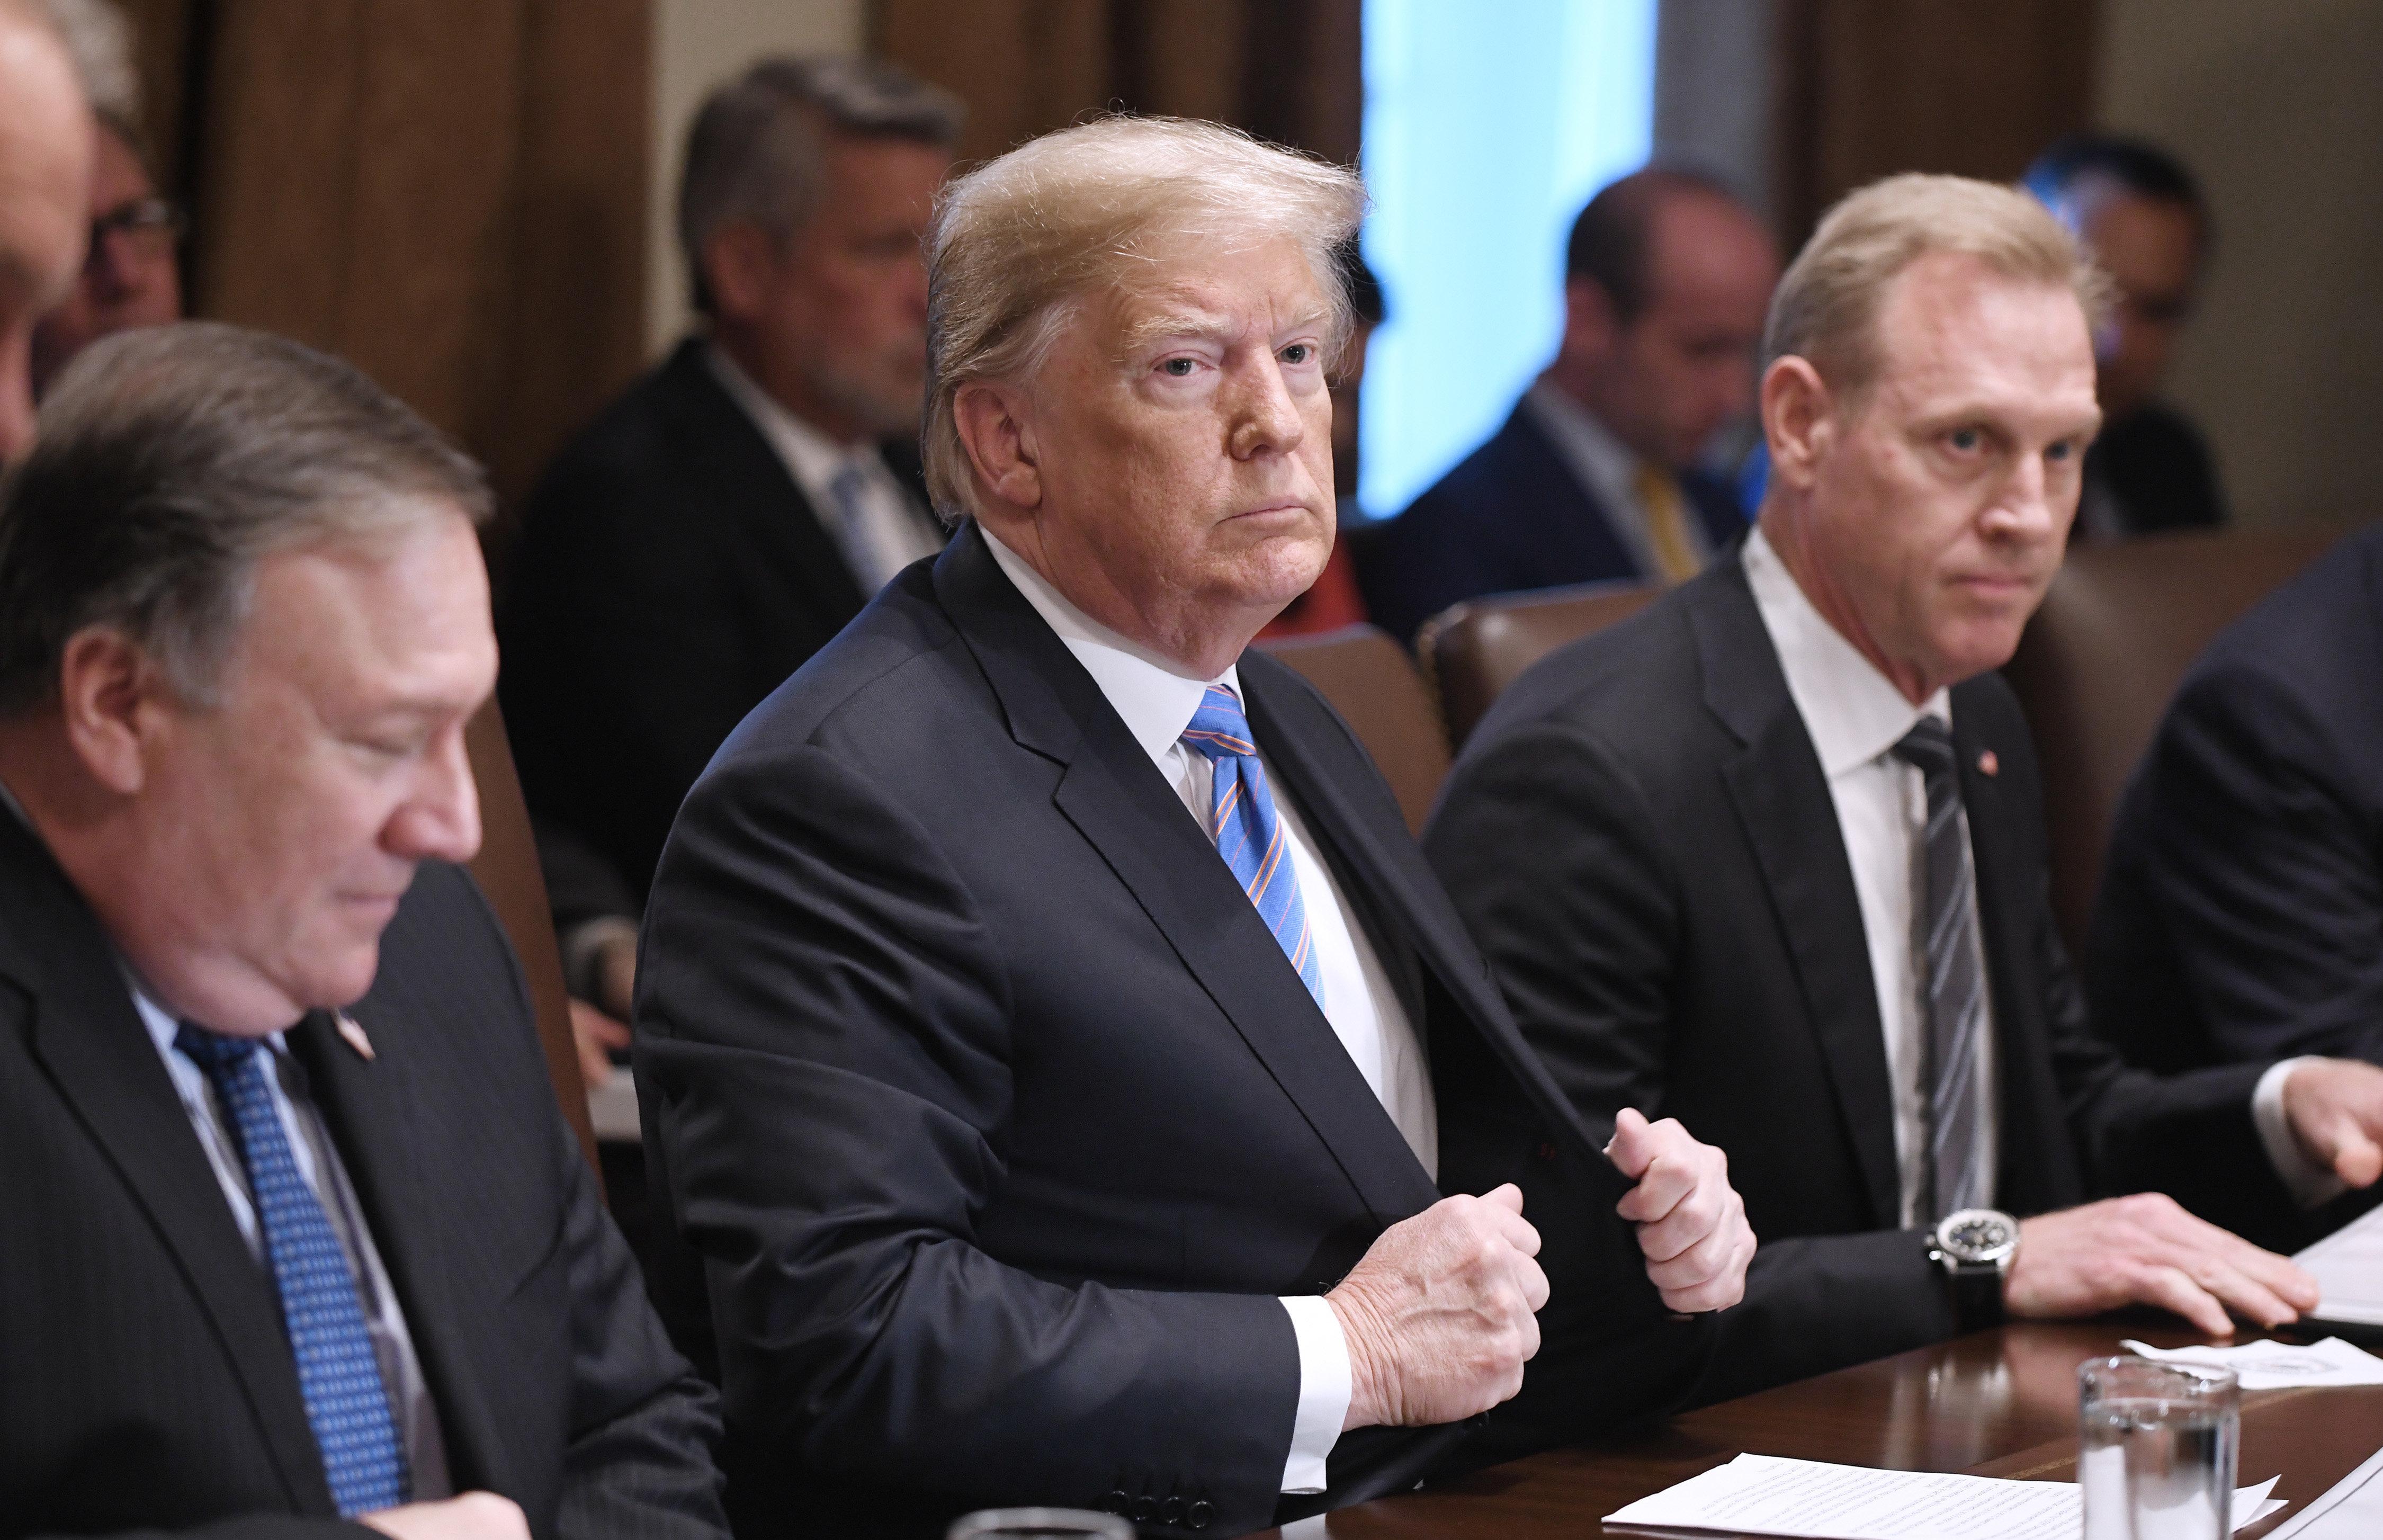 트럼프가 '러시아 위협' 경고한 미국 정보기관들을 또 부정했다